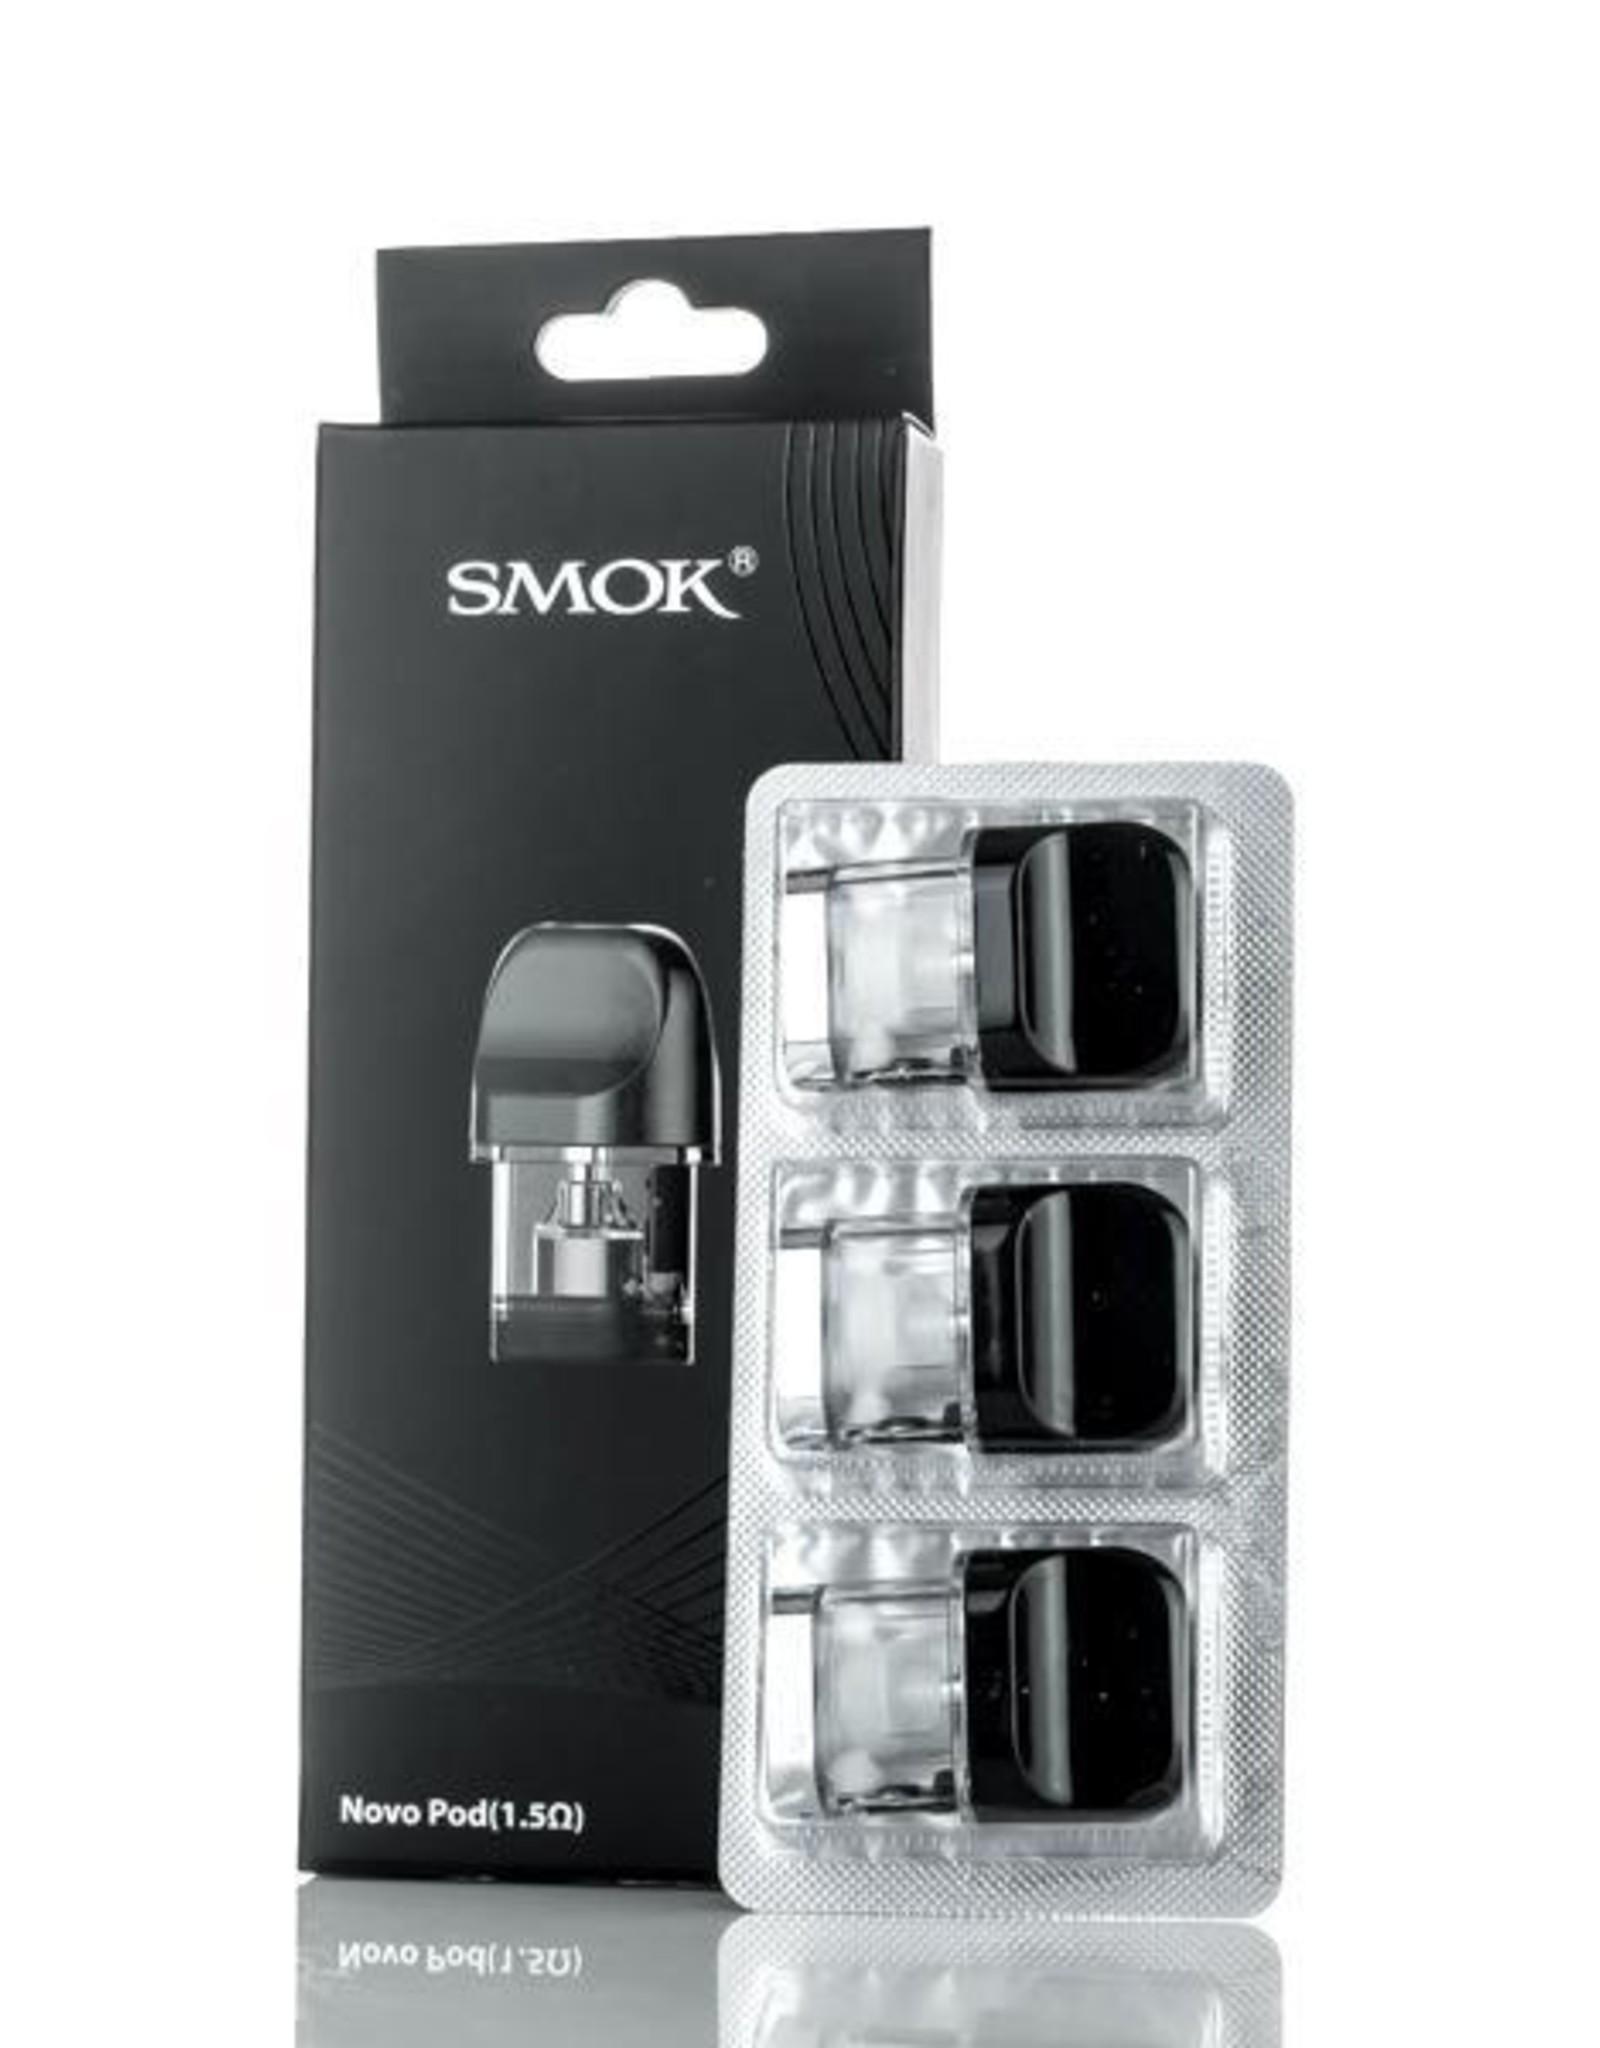 SMOK SMOK NOVO REPLACEMENT POD